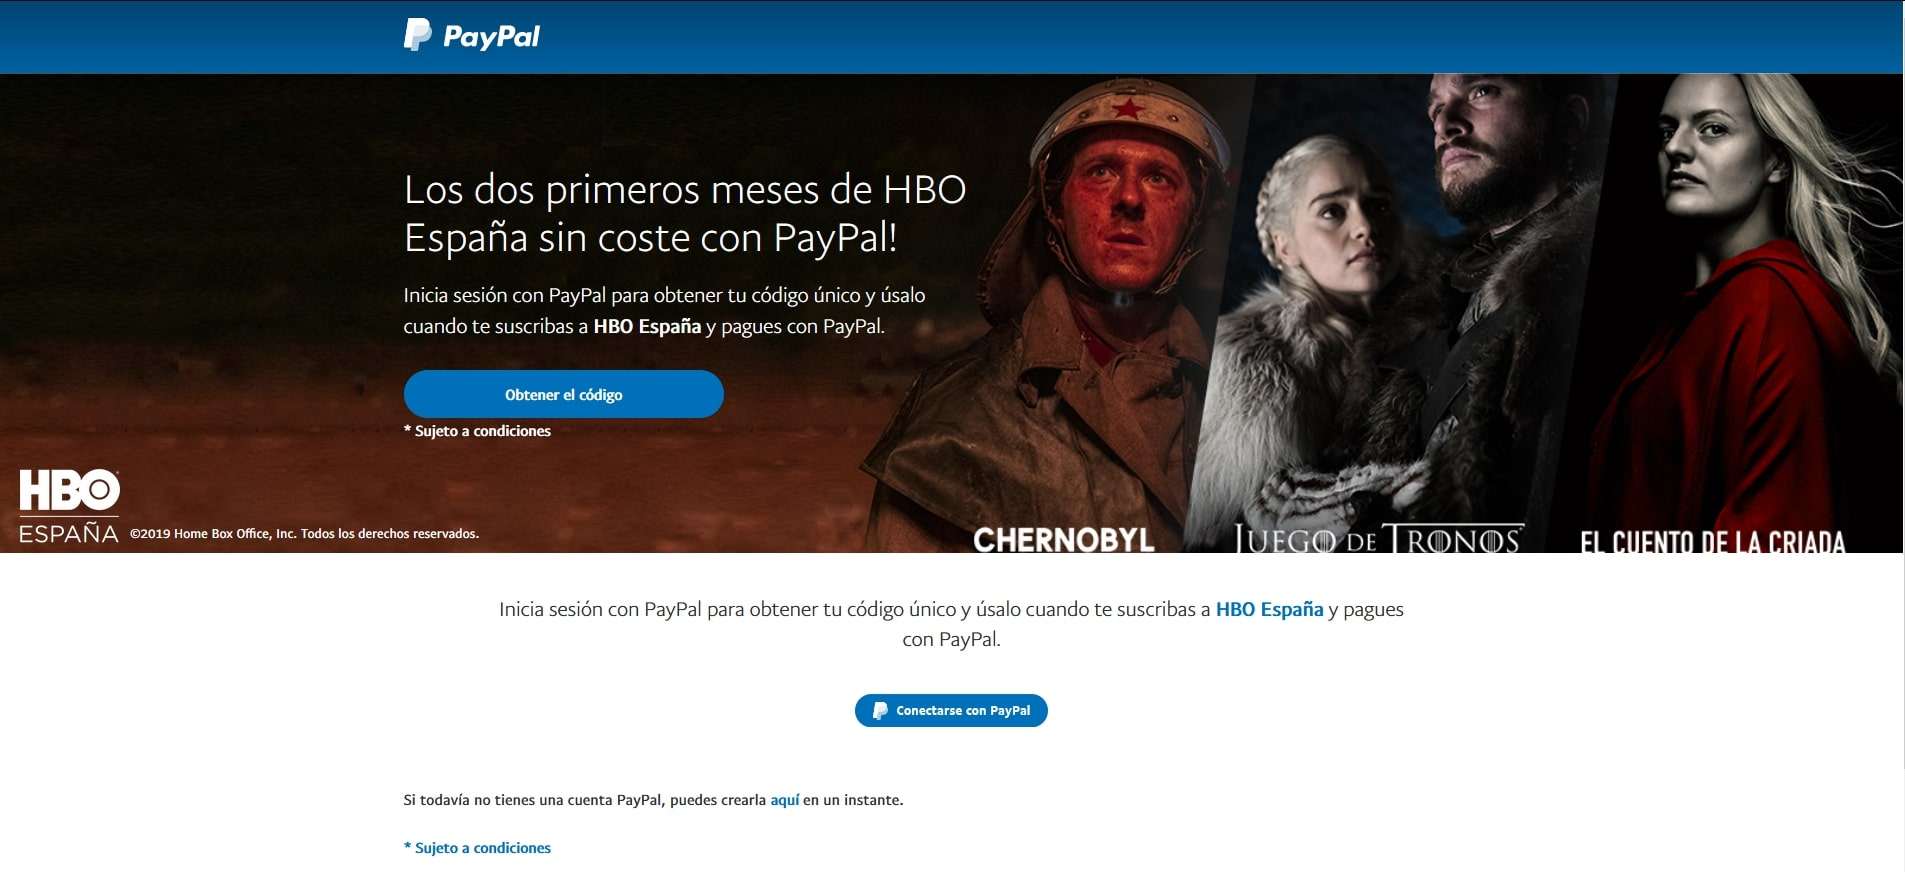 PayPal nos ofrece dos meses de HBO gratis